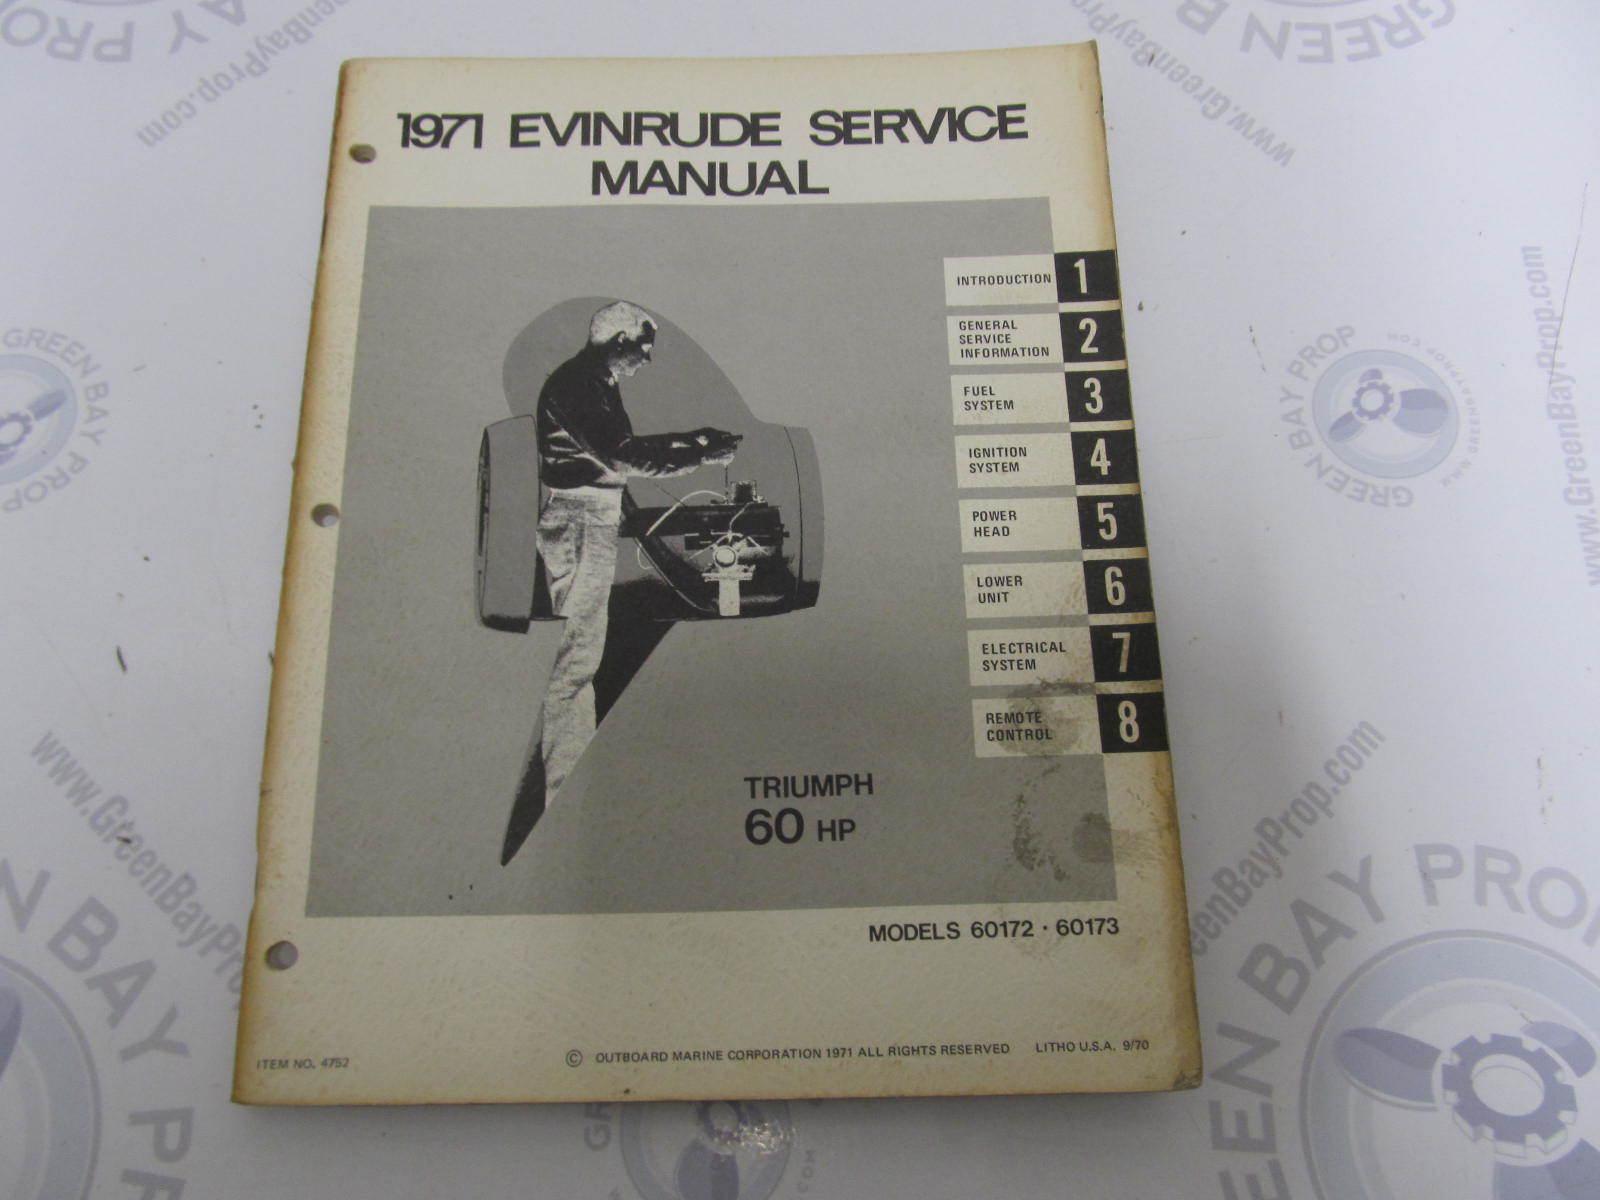 1971 Evinrude Outboard Service Manual 60 HP Triumph 60173 ...